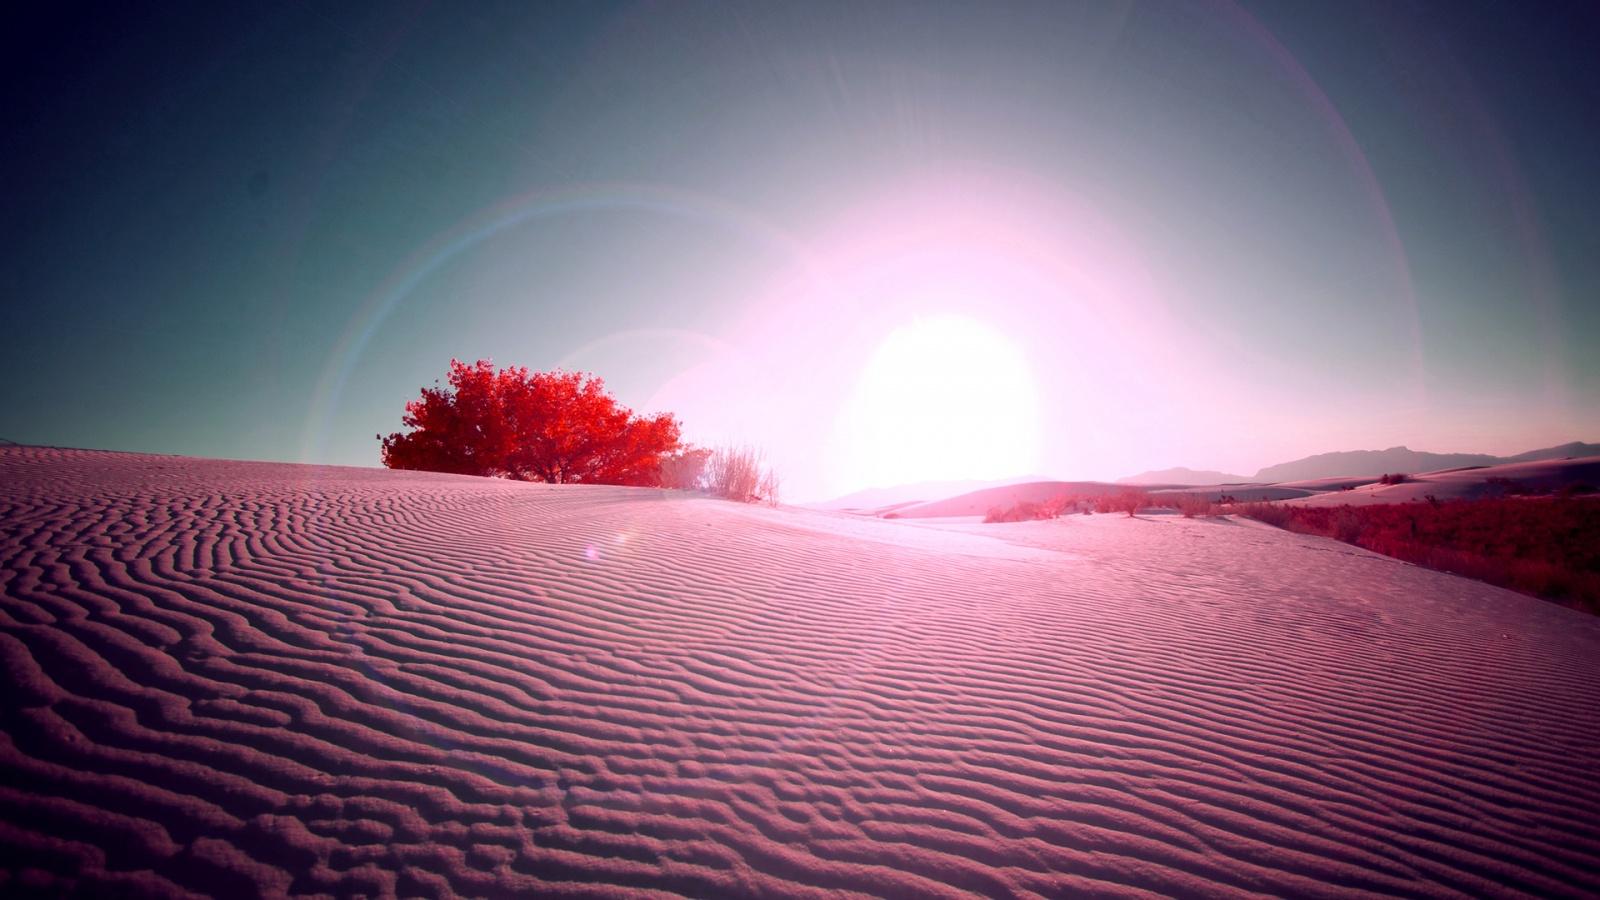 red landscape wallpapers for desktop - photo #30